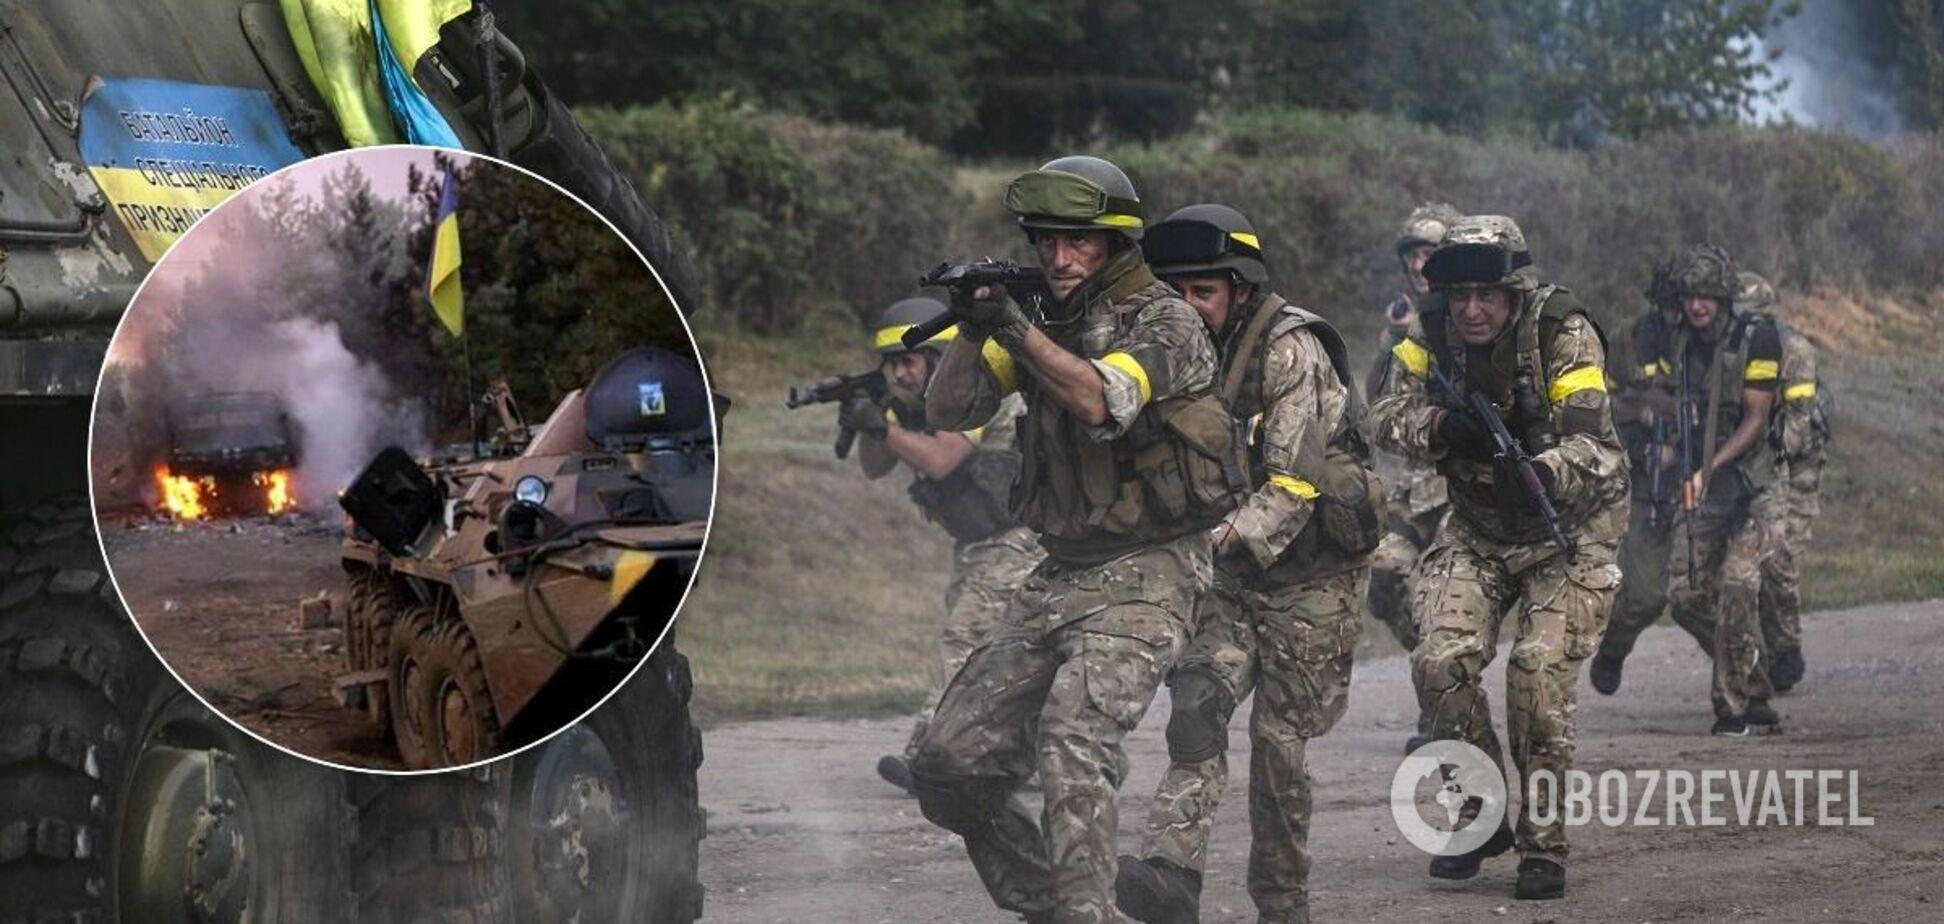 Колонну украинских военных расстреляли из всех видов вооружения